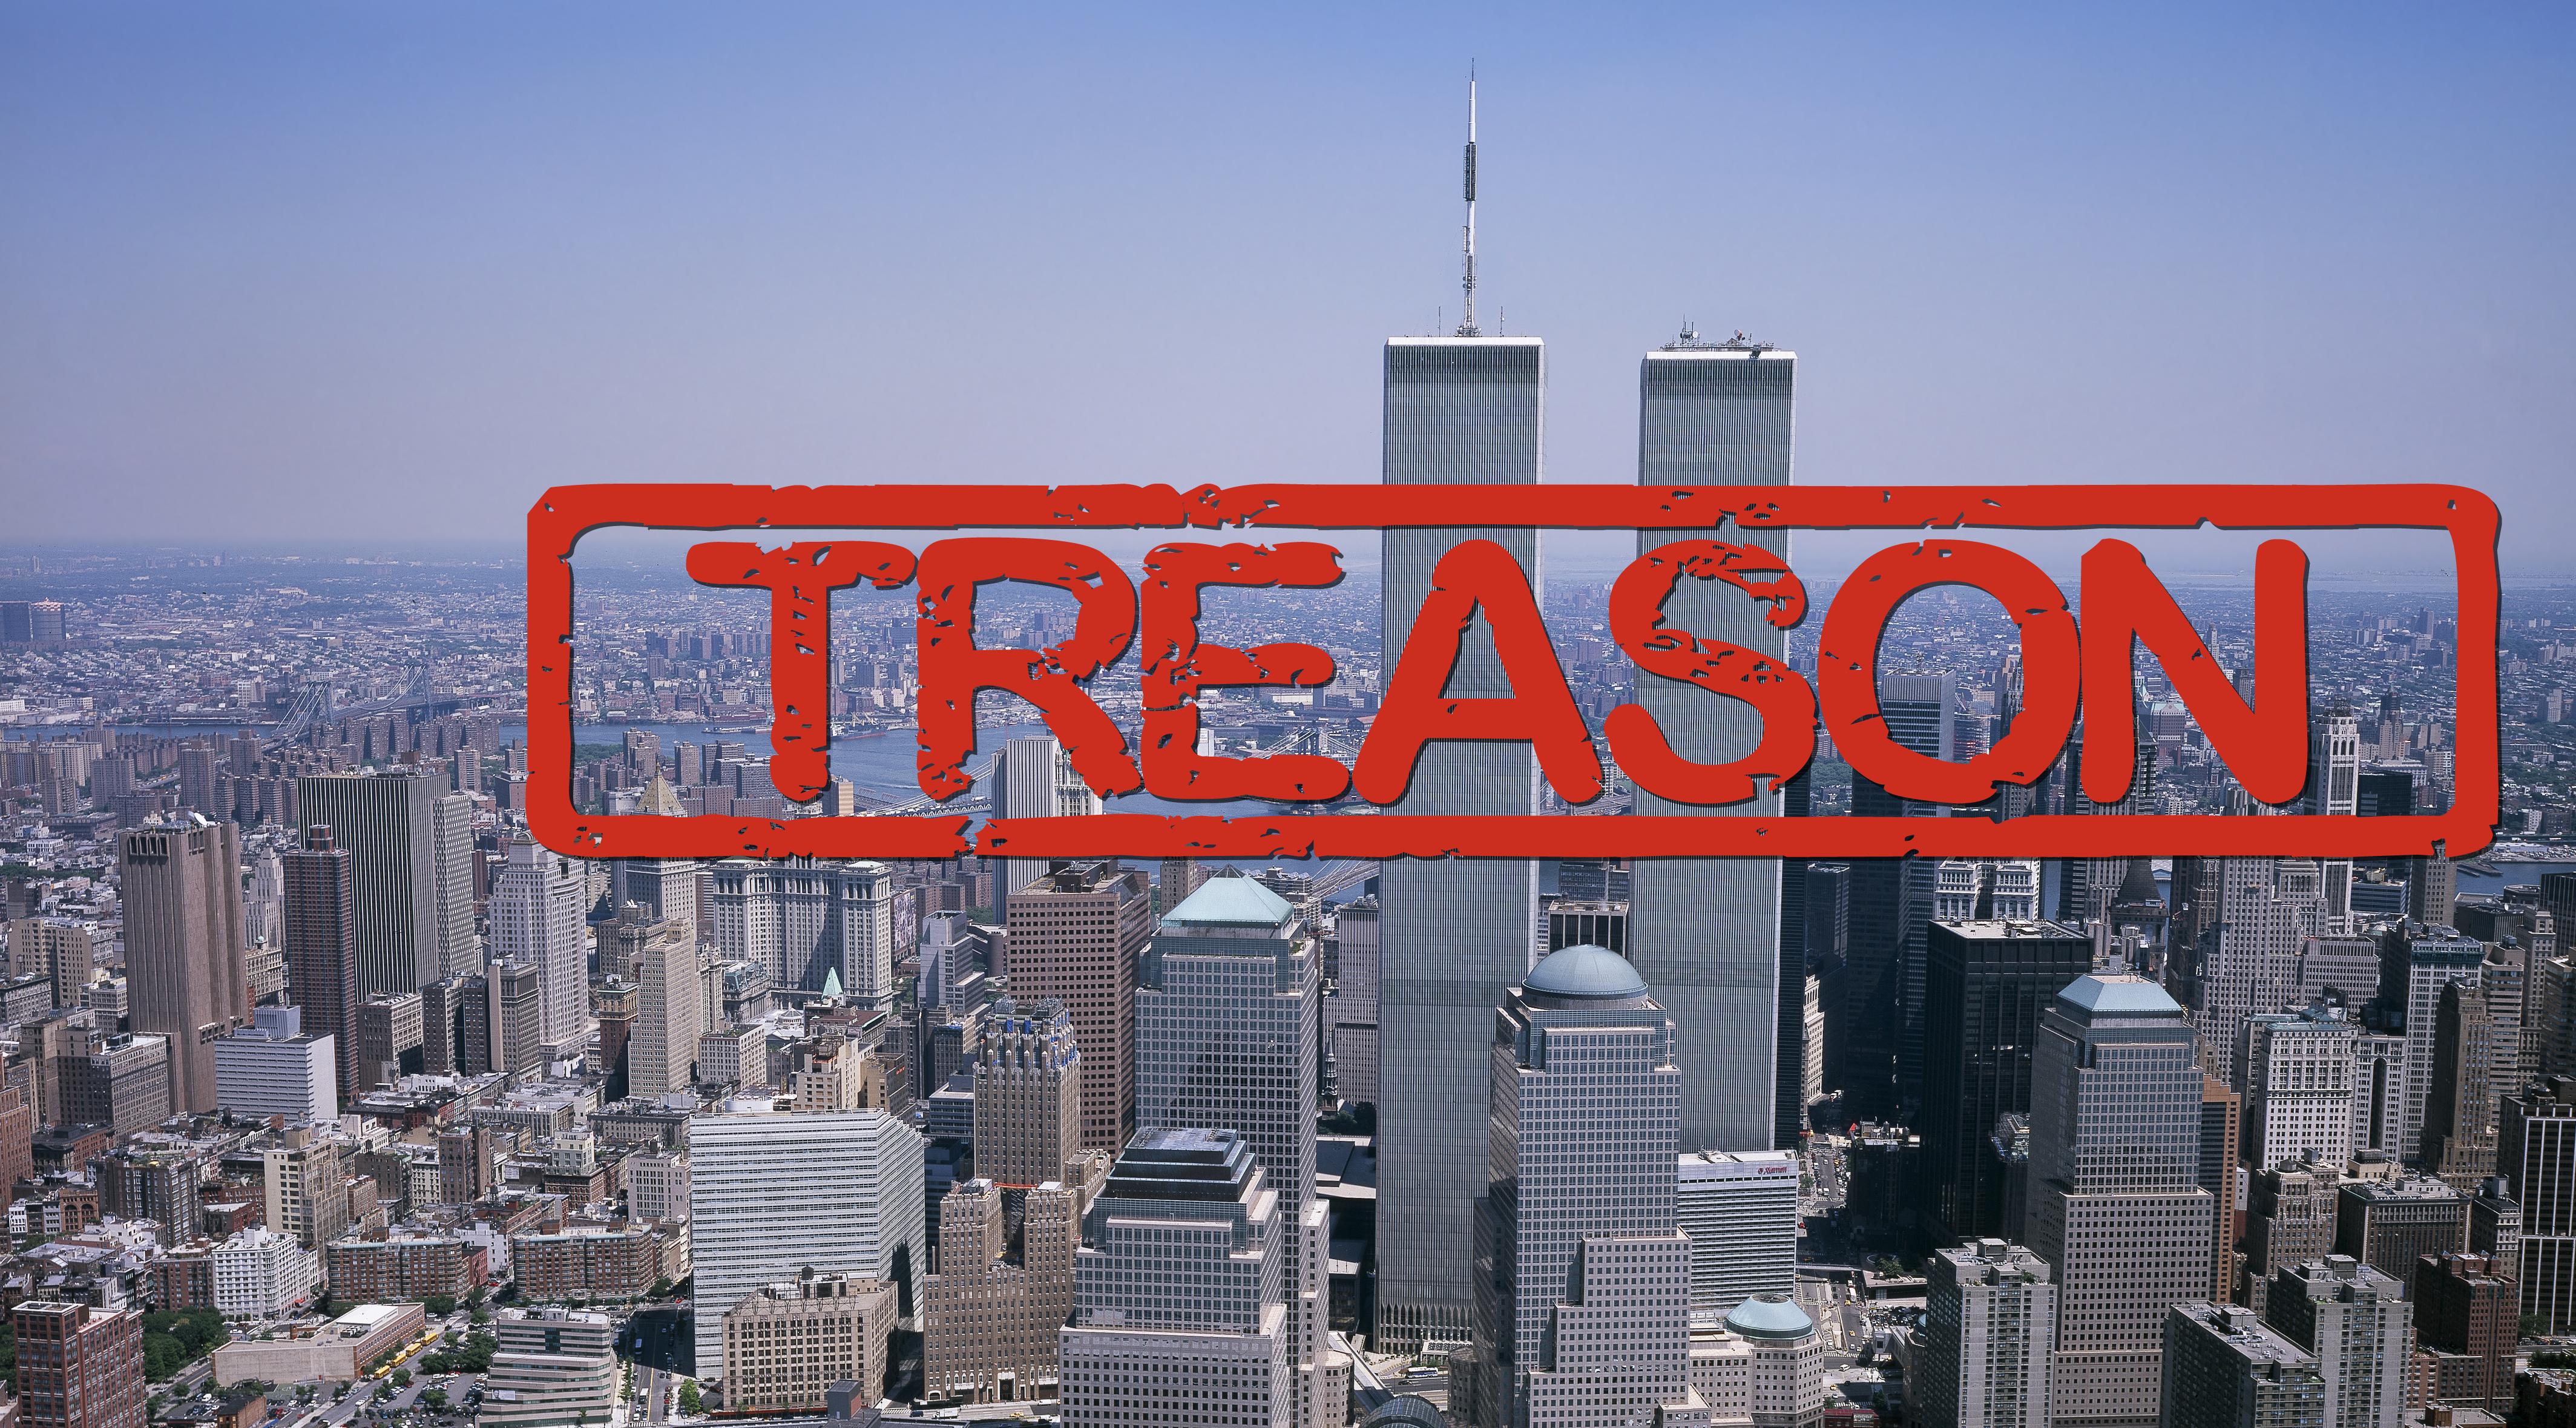 Twin_Towers-NYC-Treasony